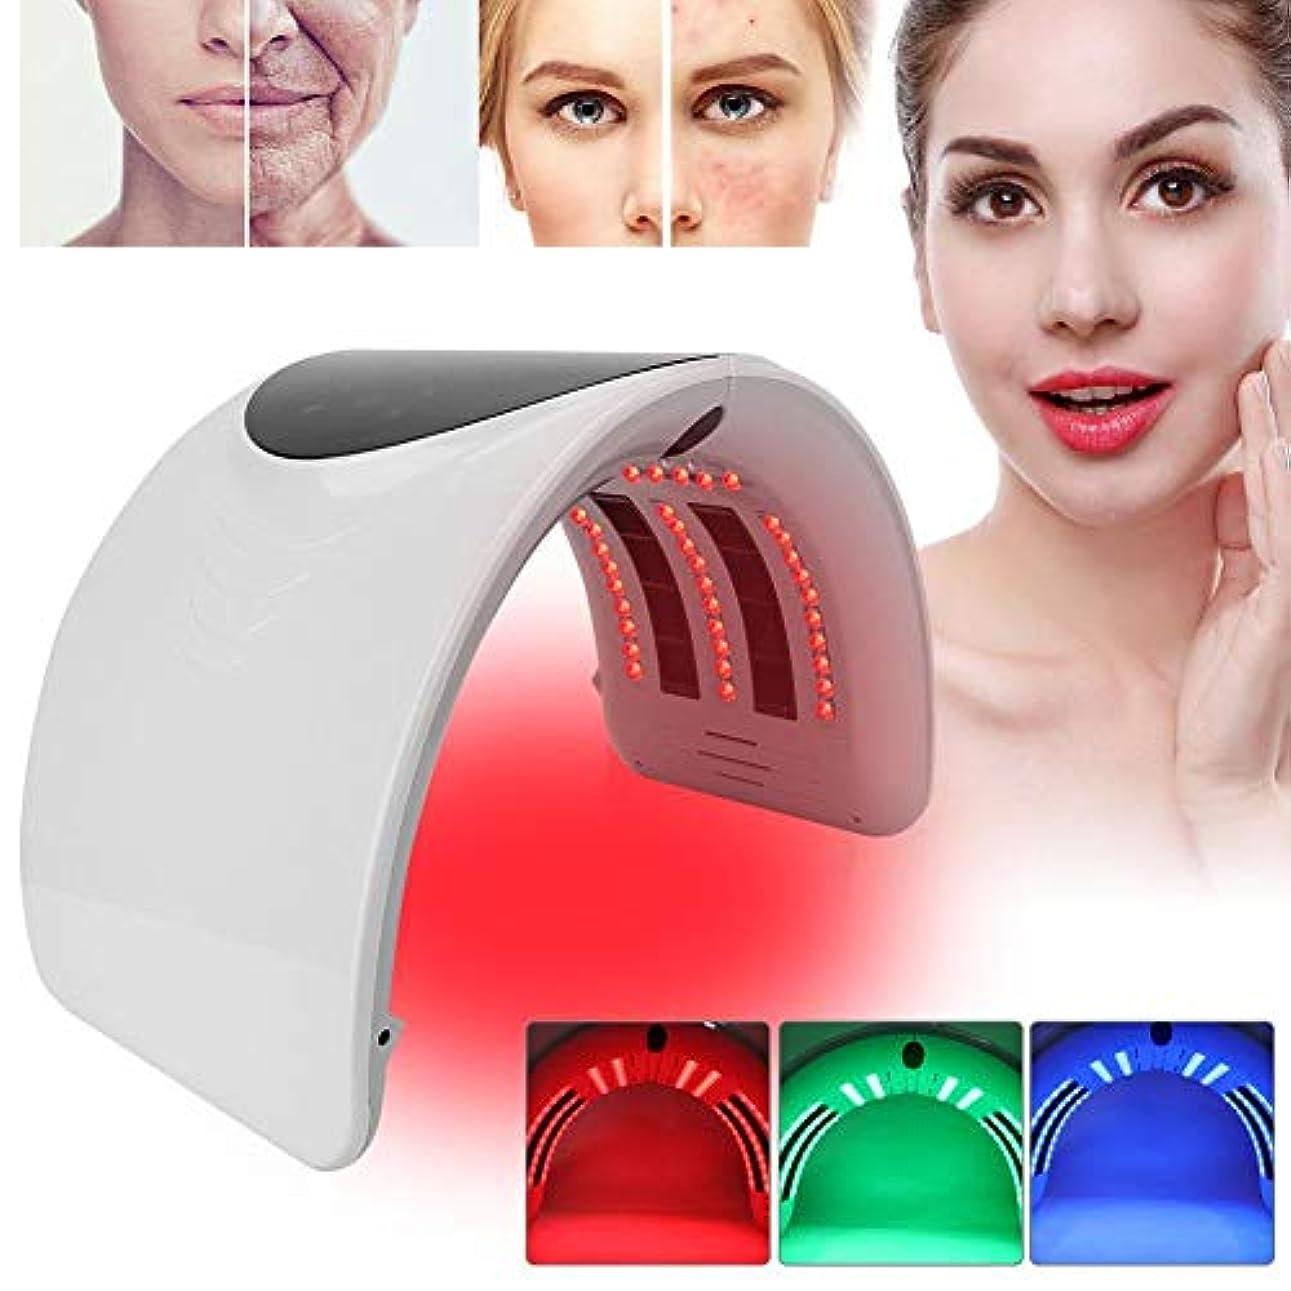 落ち着かないアーク声を出してPDTの軽い療法の美顔術機械、6色の新しい折り畳み式アクネの取り外しのスキンケアの処置機械(01)